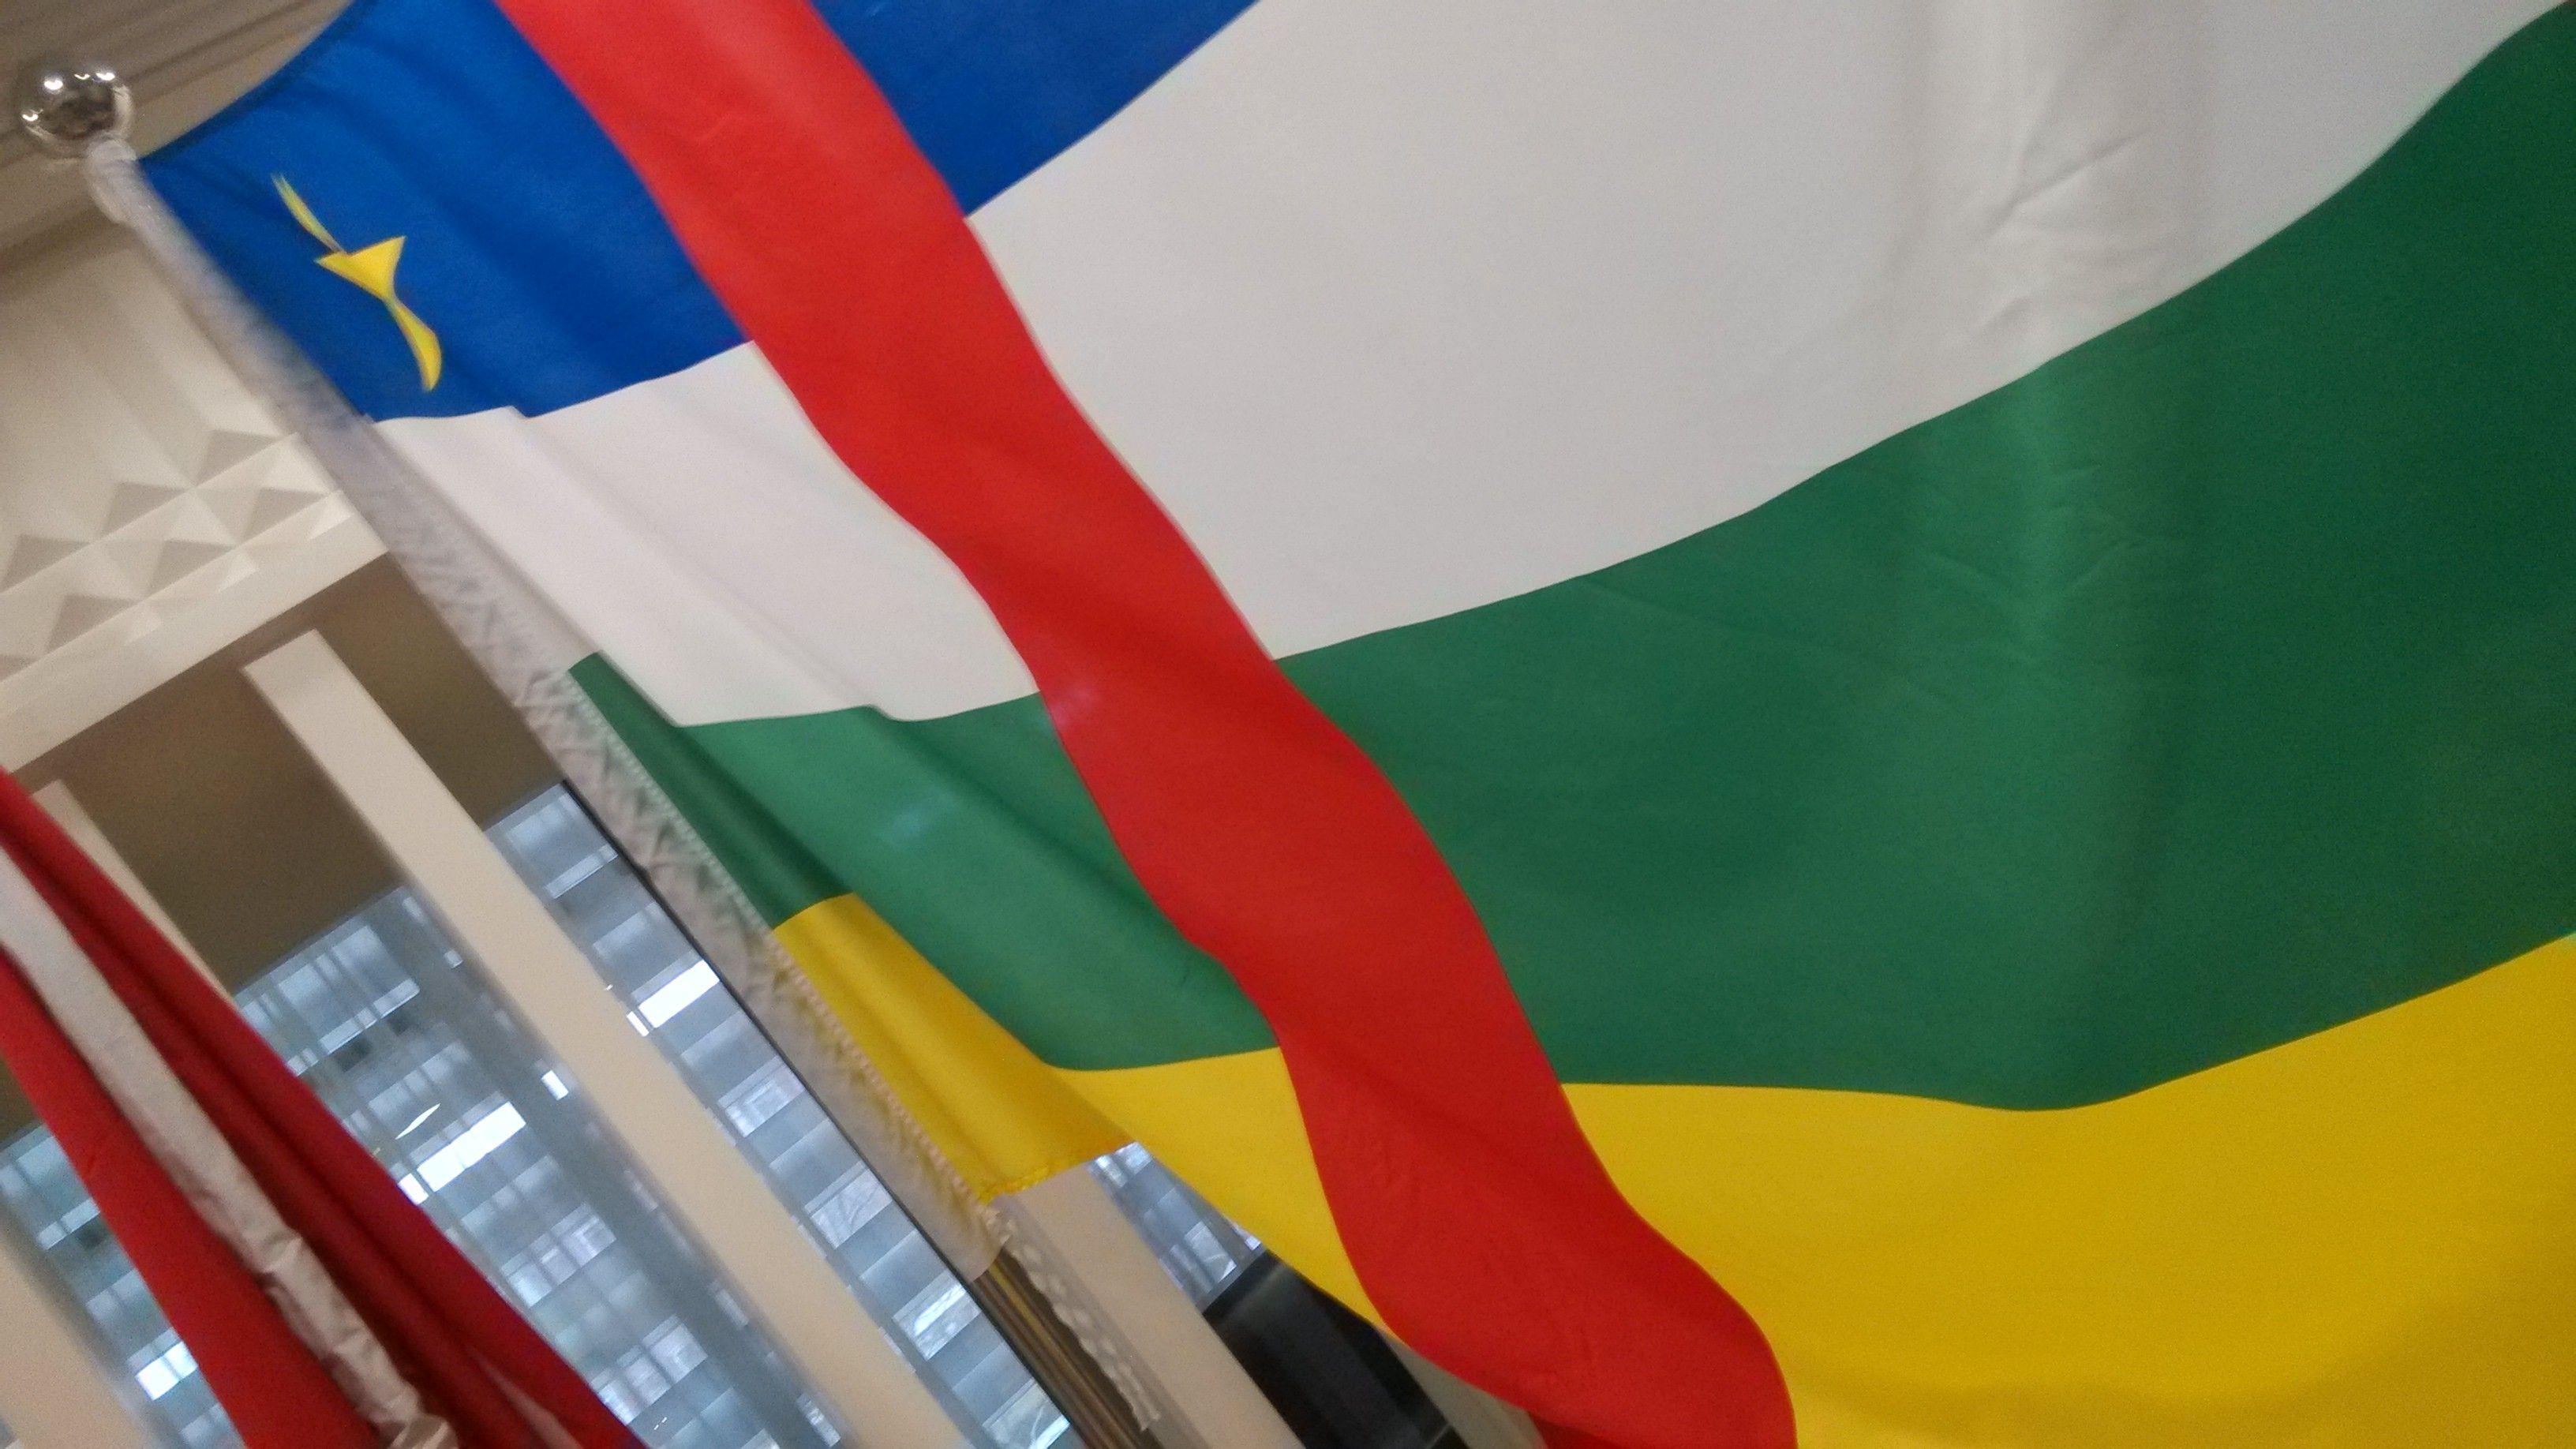 这个是哪个国家的国旗 哪个国家国旗是由红白蓝白红五个彩高清图片